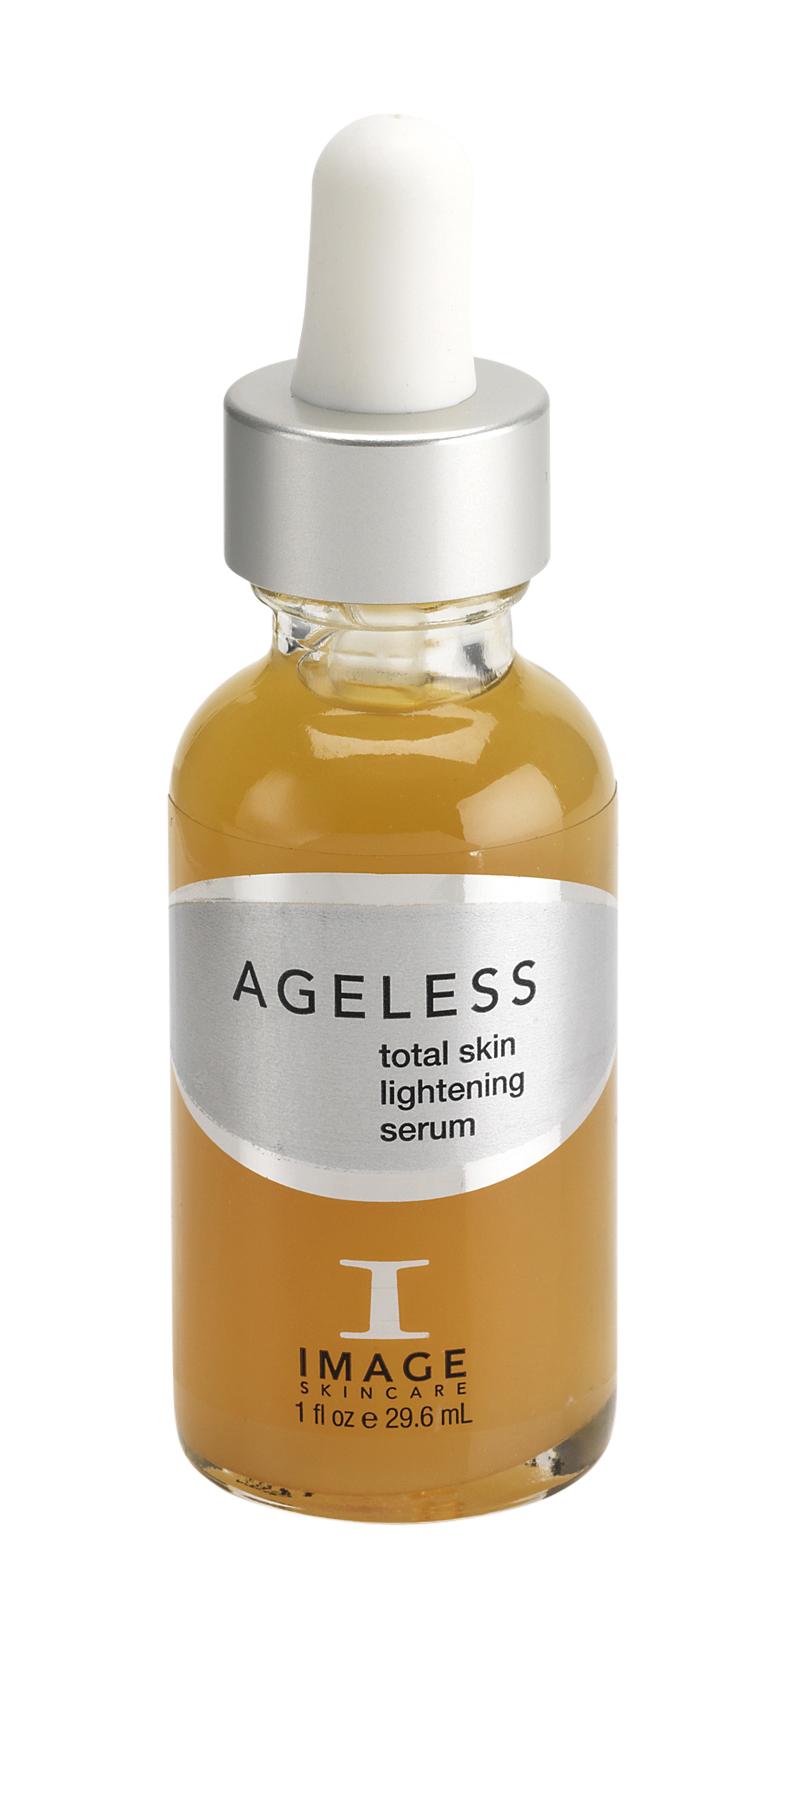 Total Skin lightening Serum